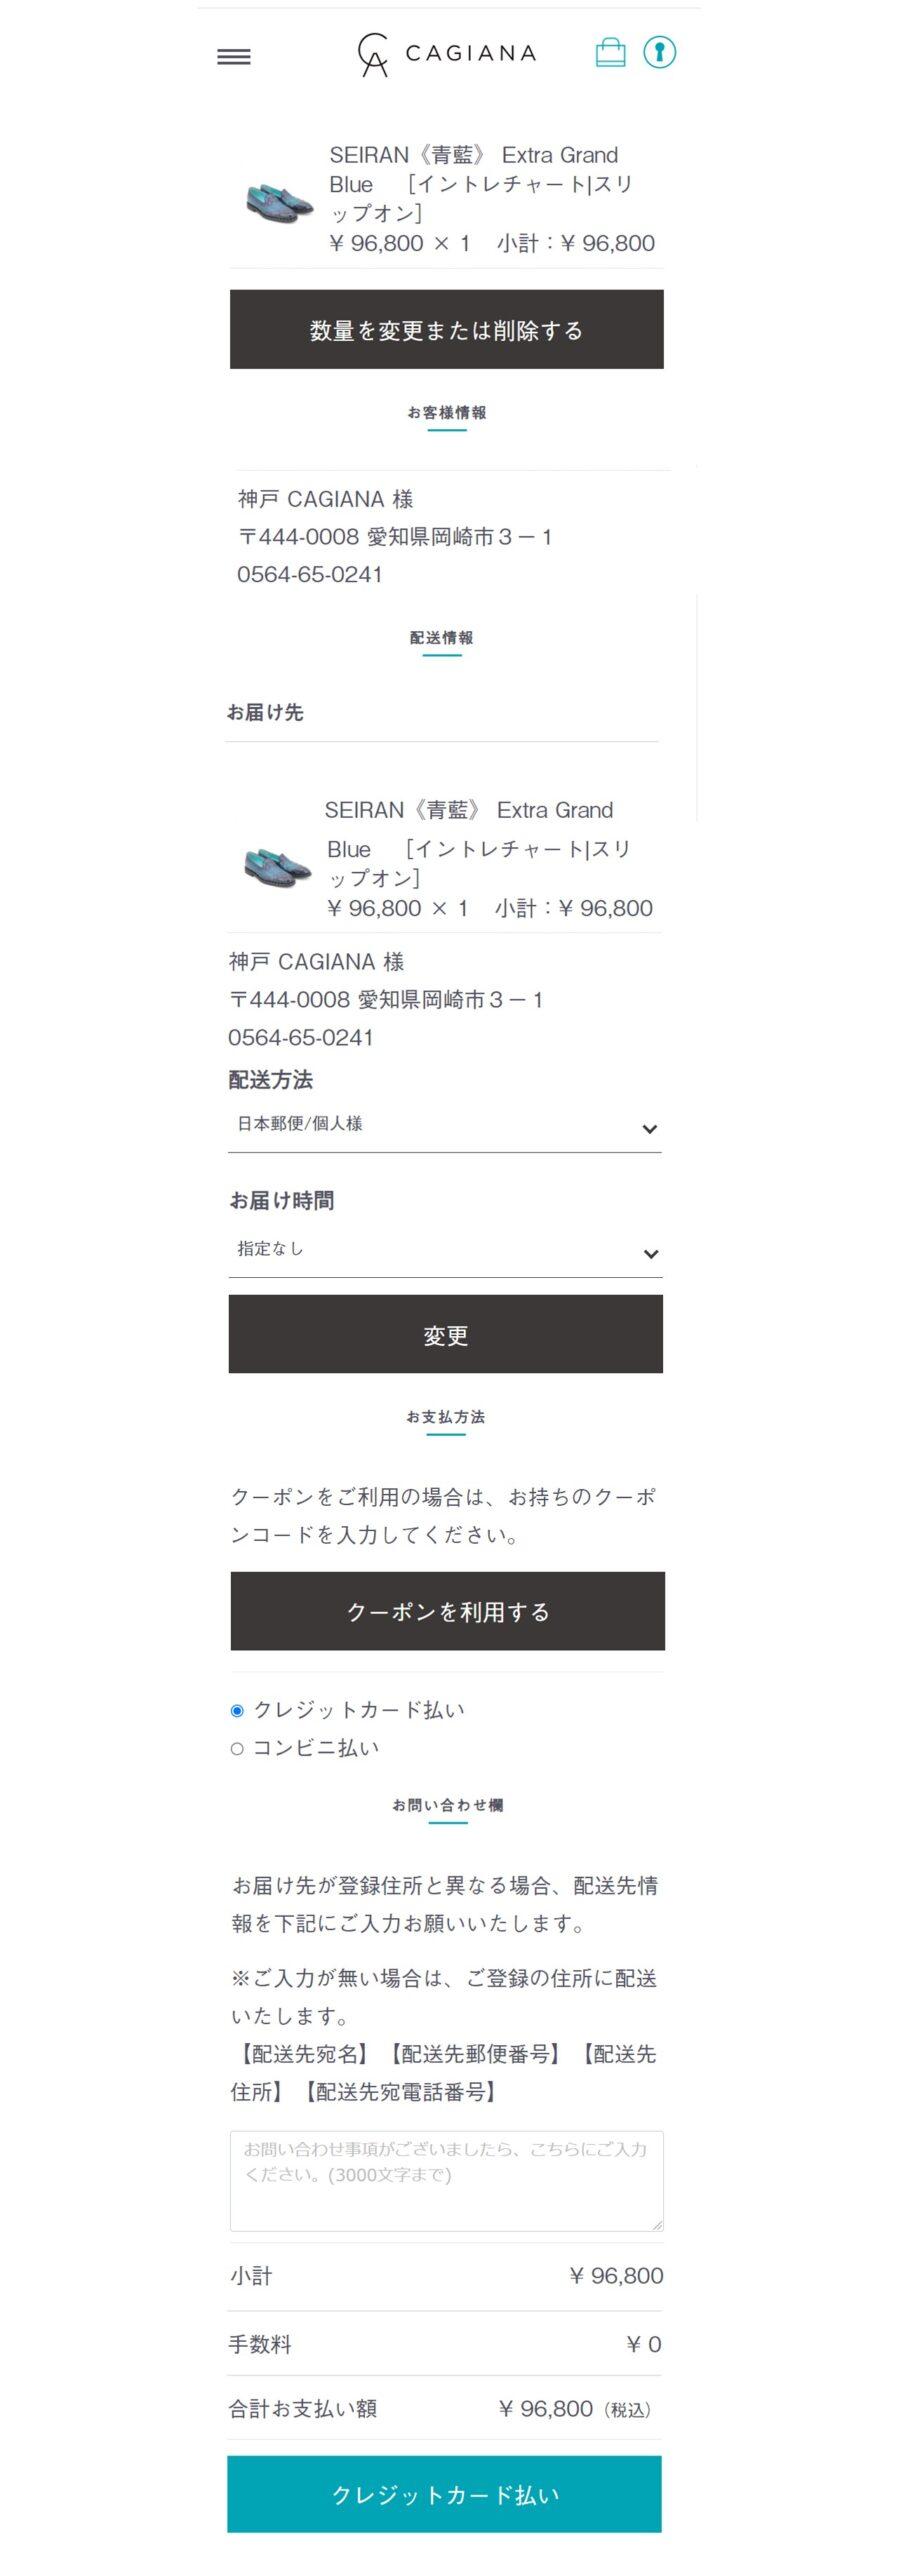 支払い内容登録ページ